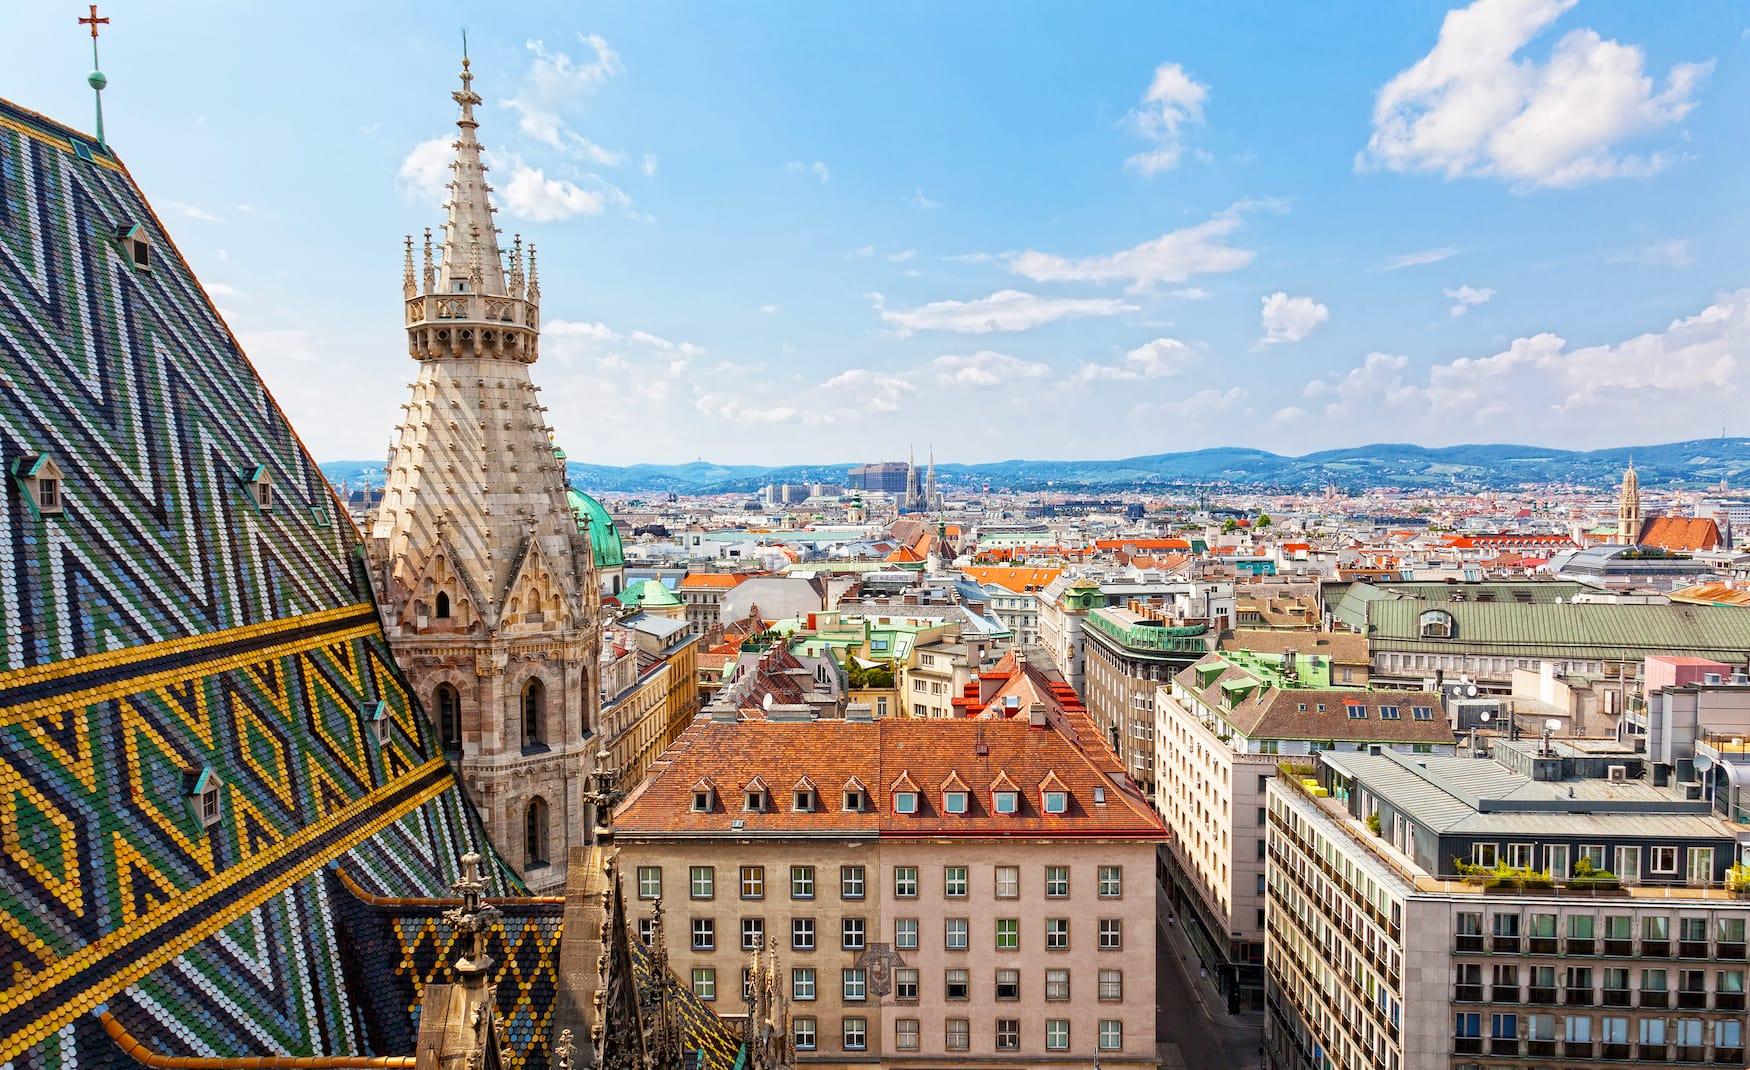 Blick auf Wien vom Stephansdom, Österreich